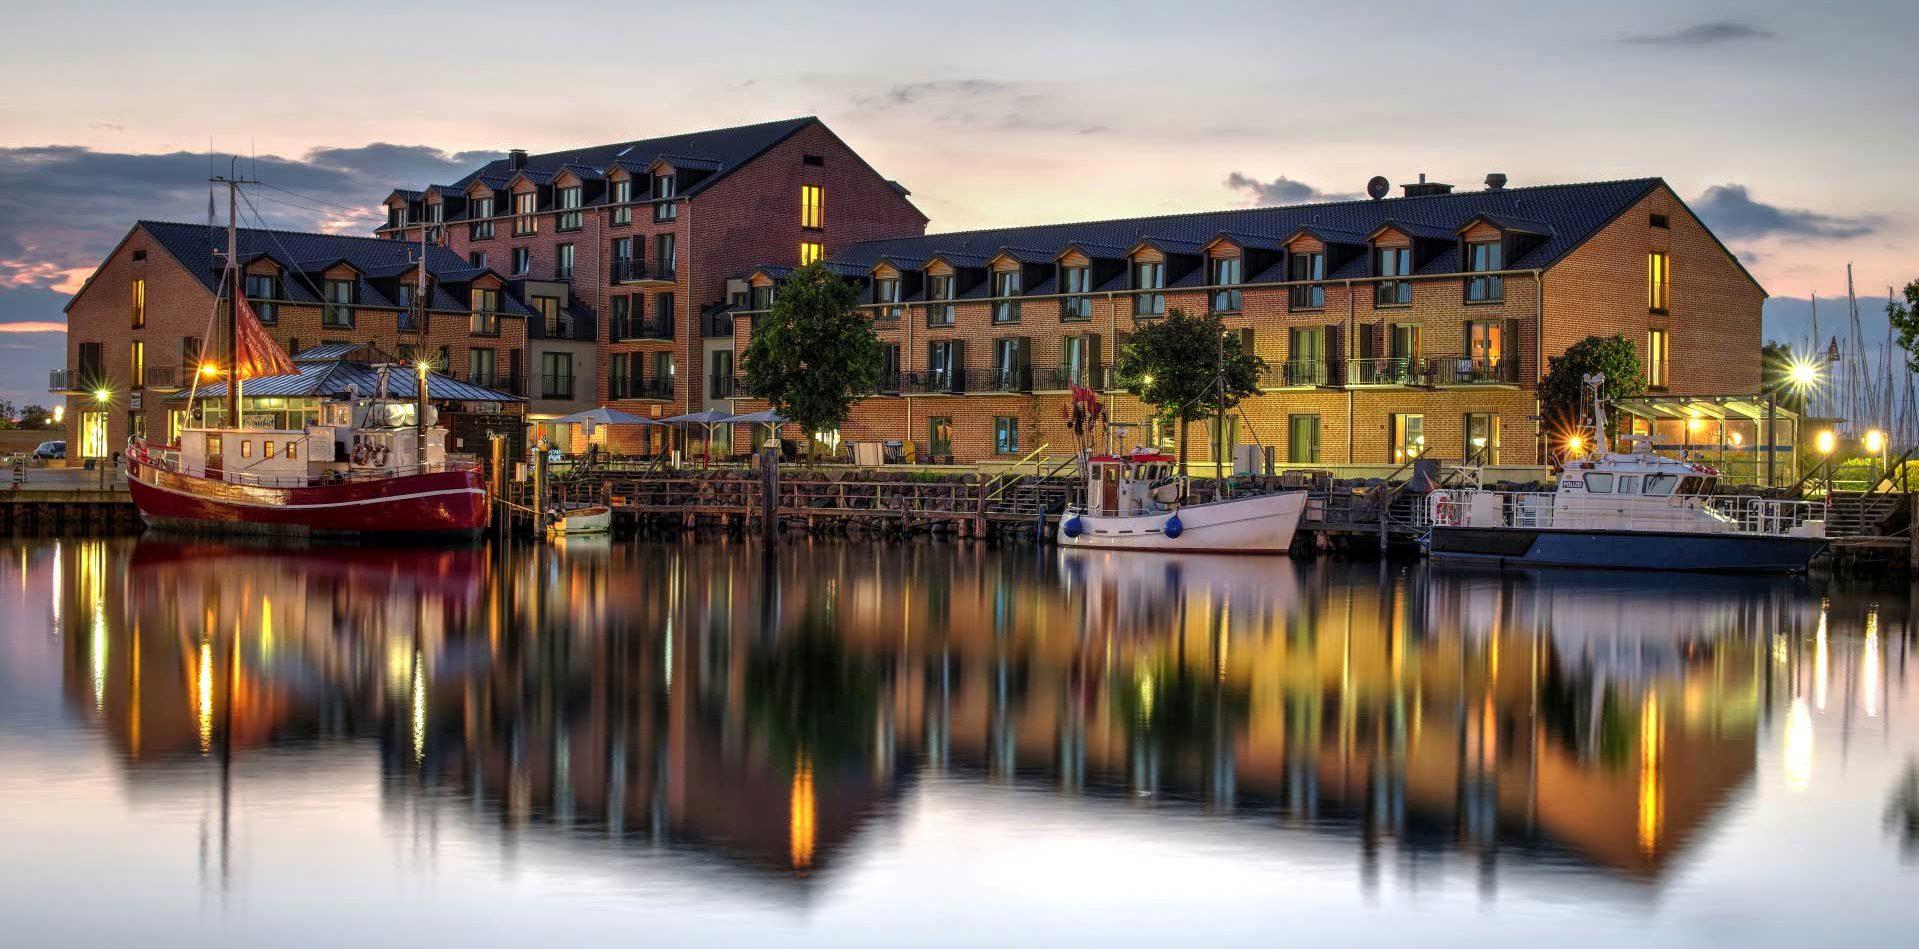 Hafenhotel Meereszeiten in Heiligenhafen